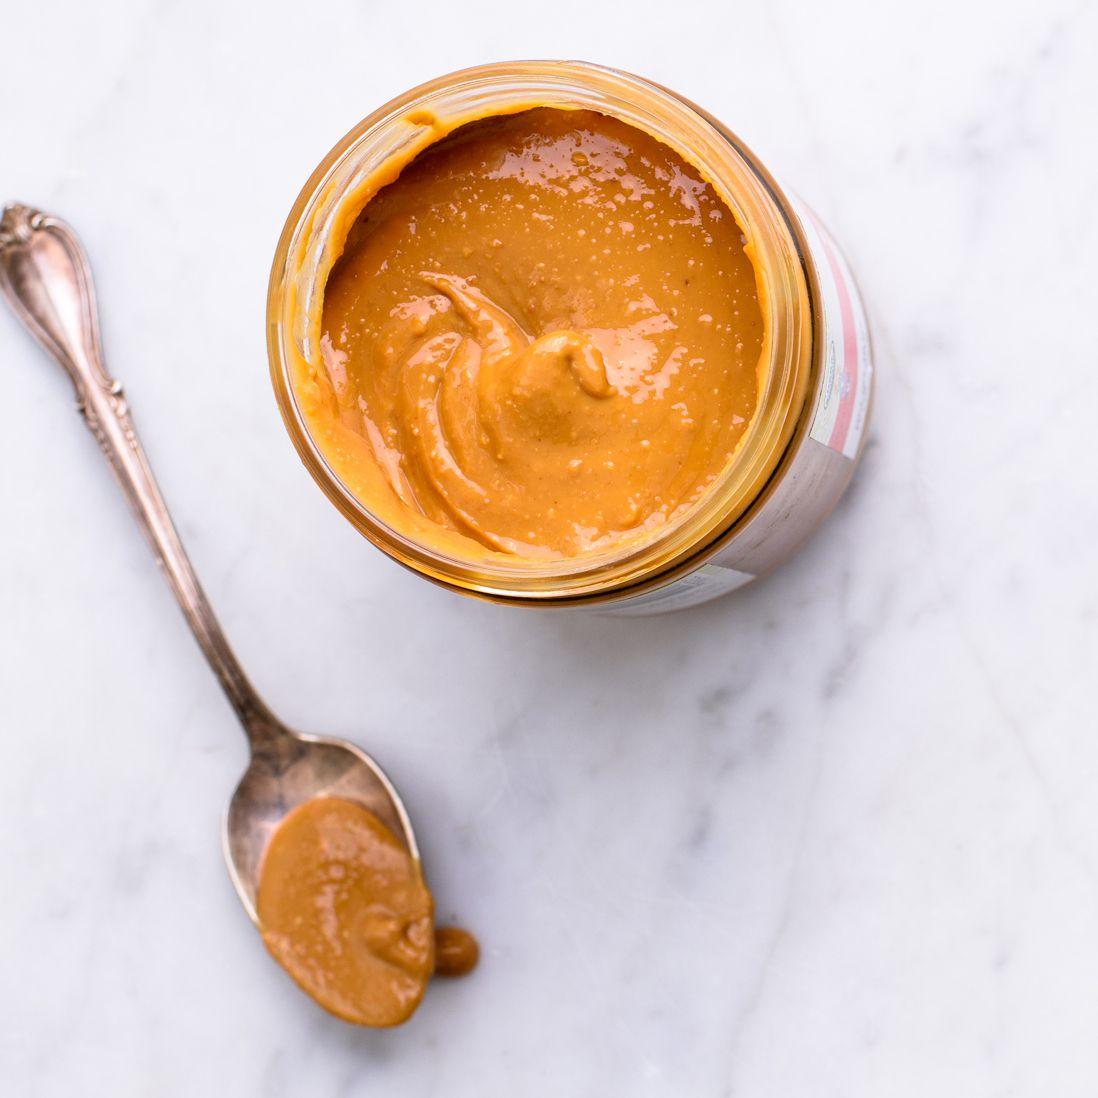 peanut butter and gluten free diet